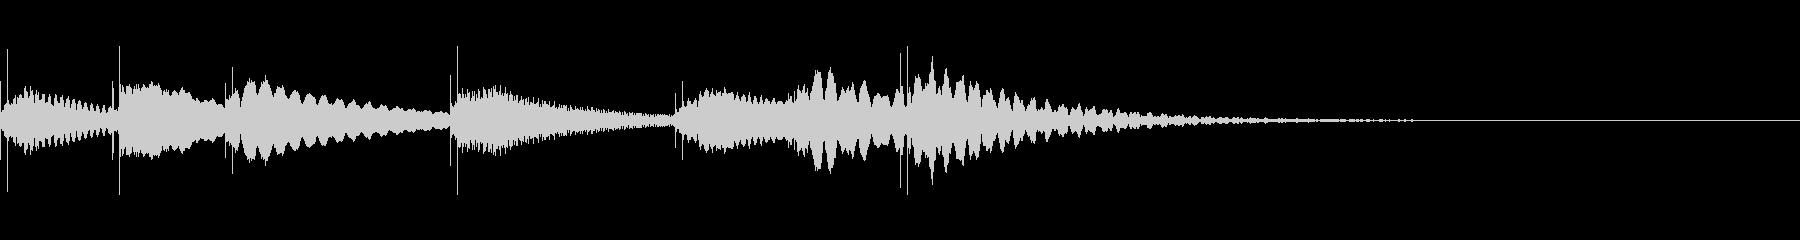 マリンバ タラランタンタララーン 7音の未再生の波形